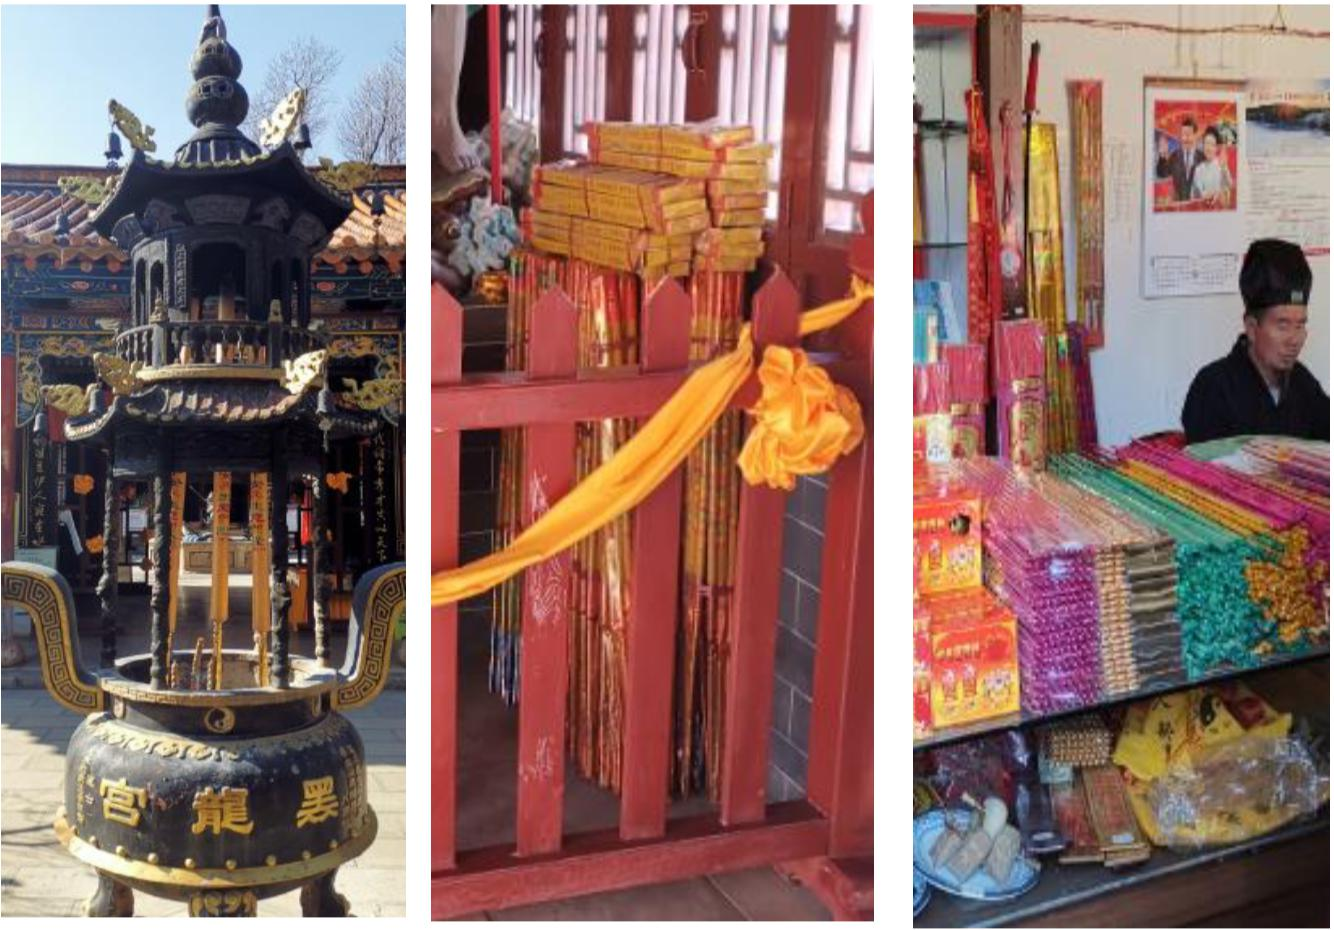 暗访发现云南昆明的省保单位龙泉观和黑龙宫内,燃烧和售卖超规格的长香、粗香。国家文物局供图